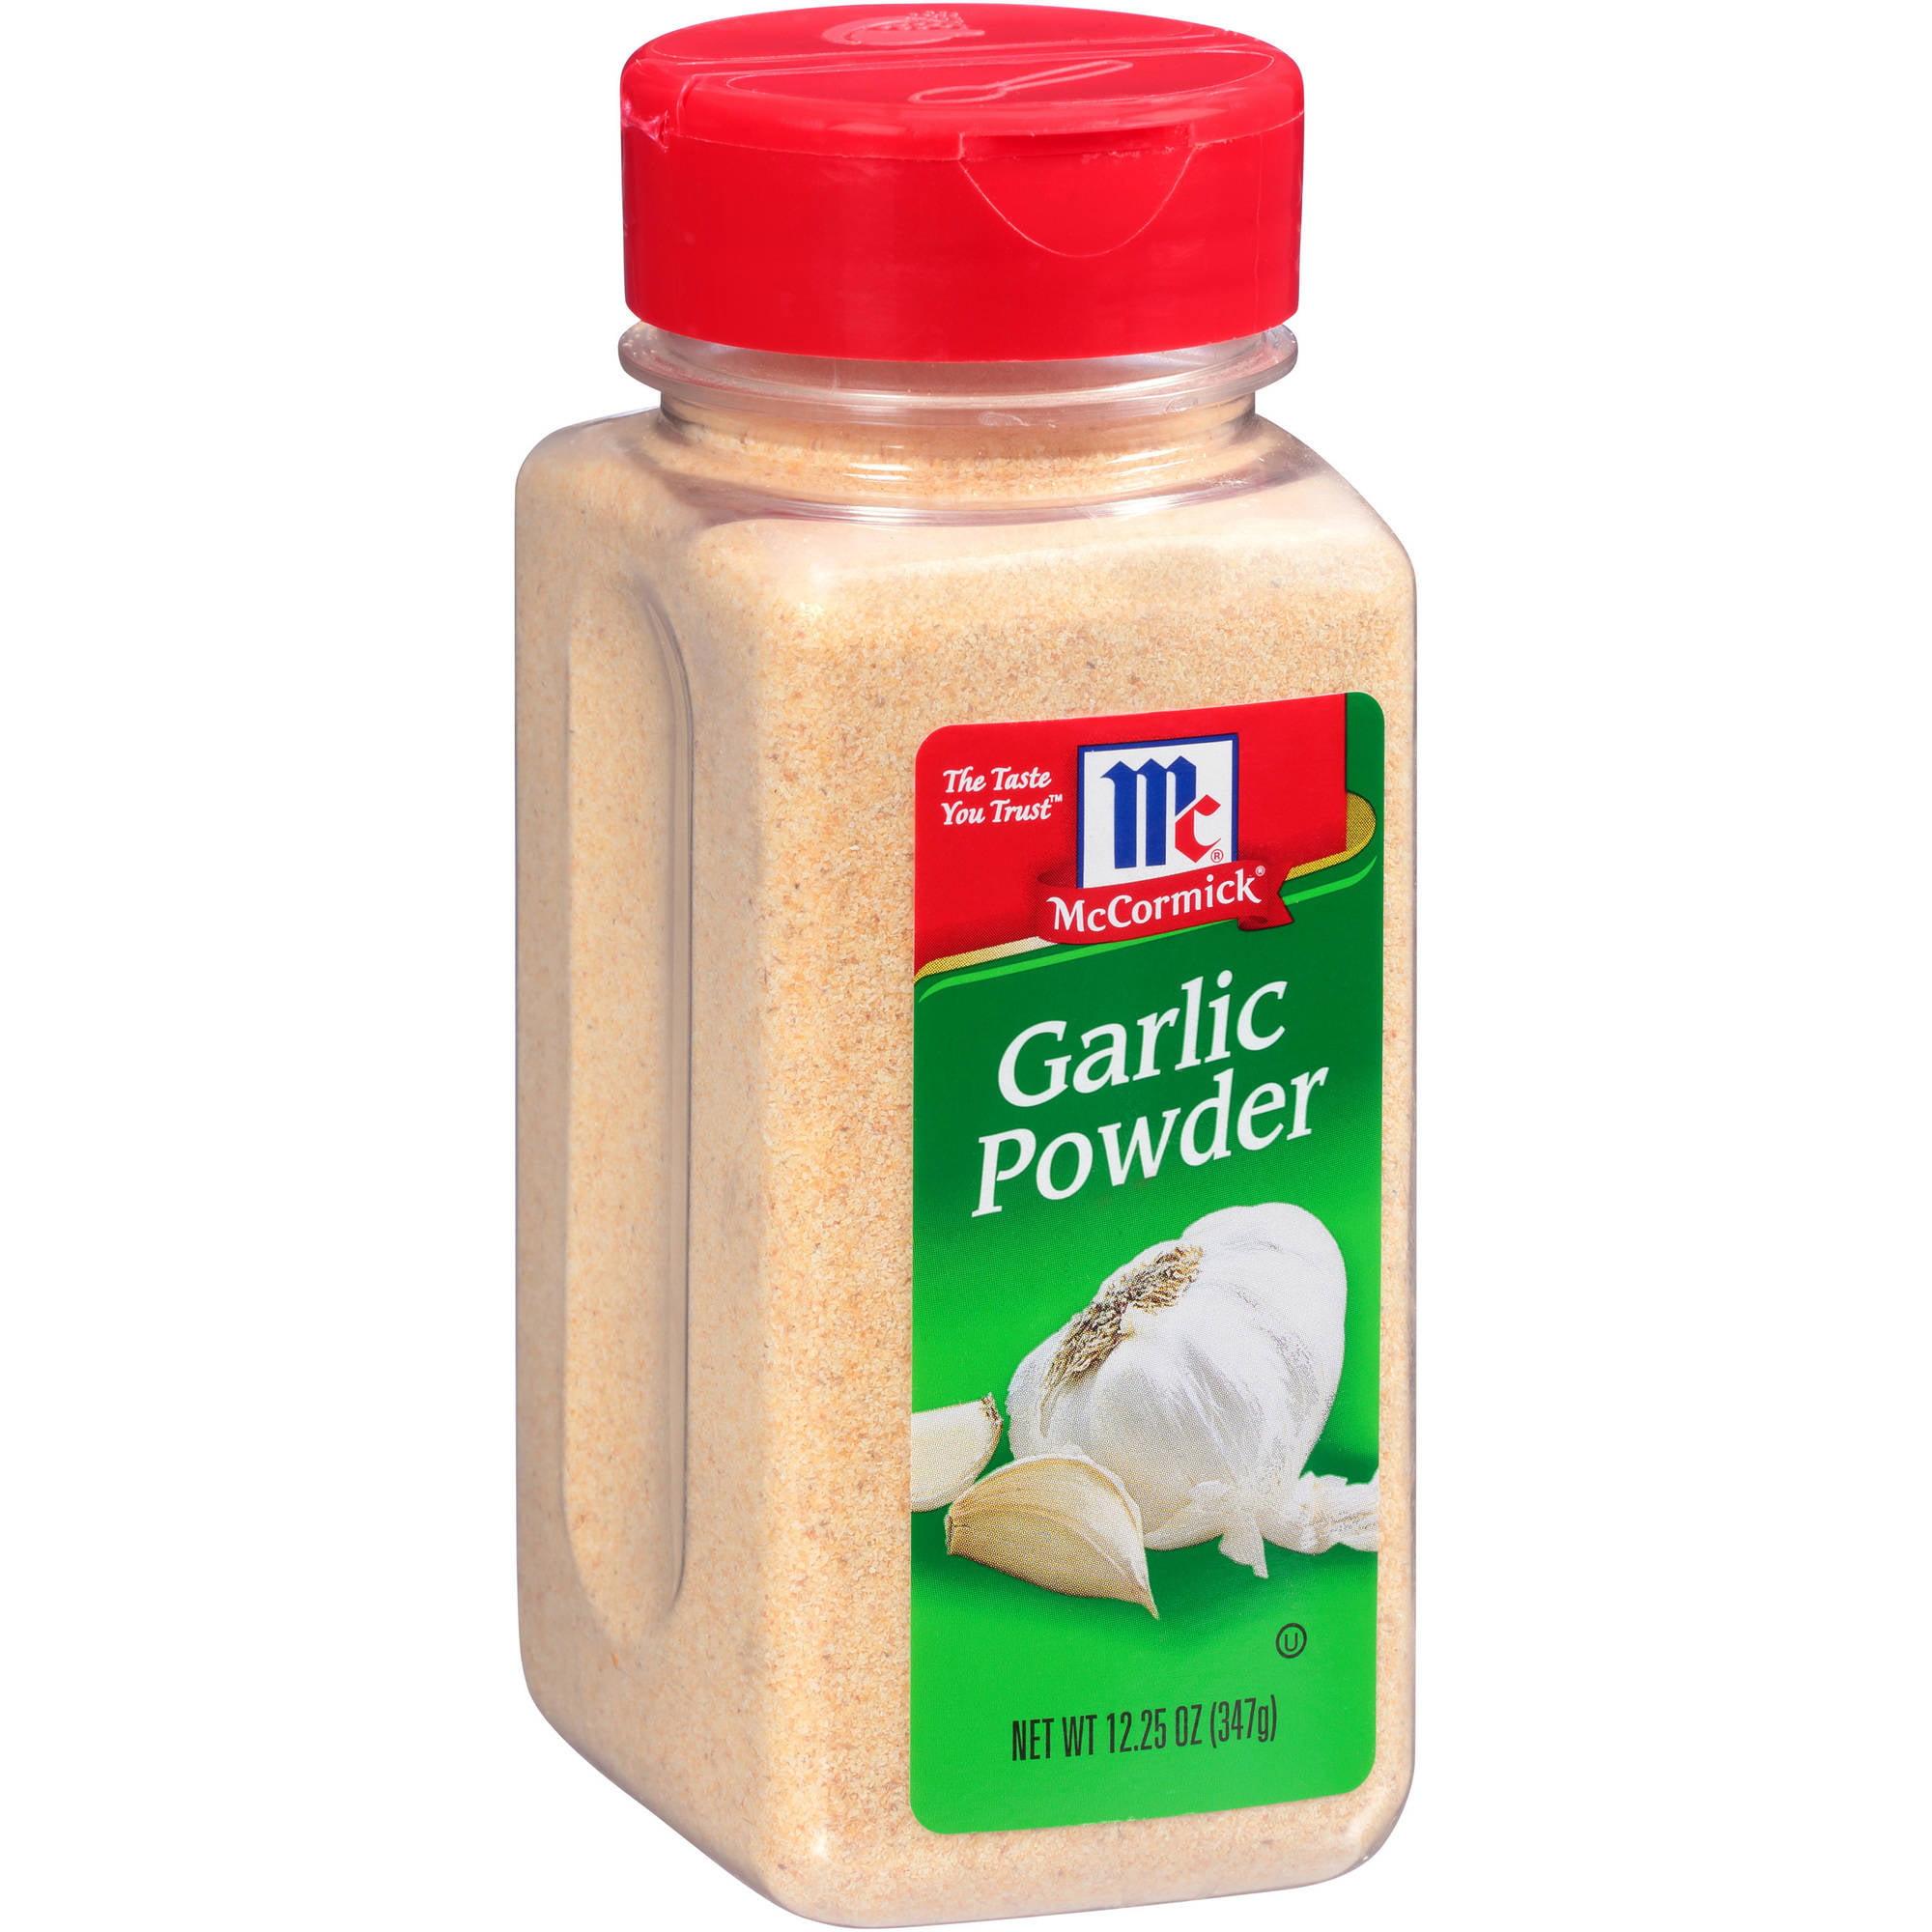 McCormick Garlic Powder, 12.25 oz